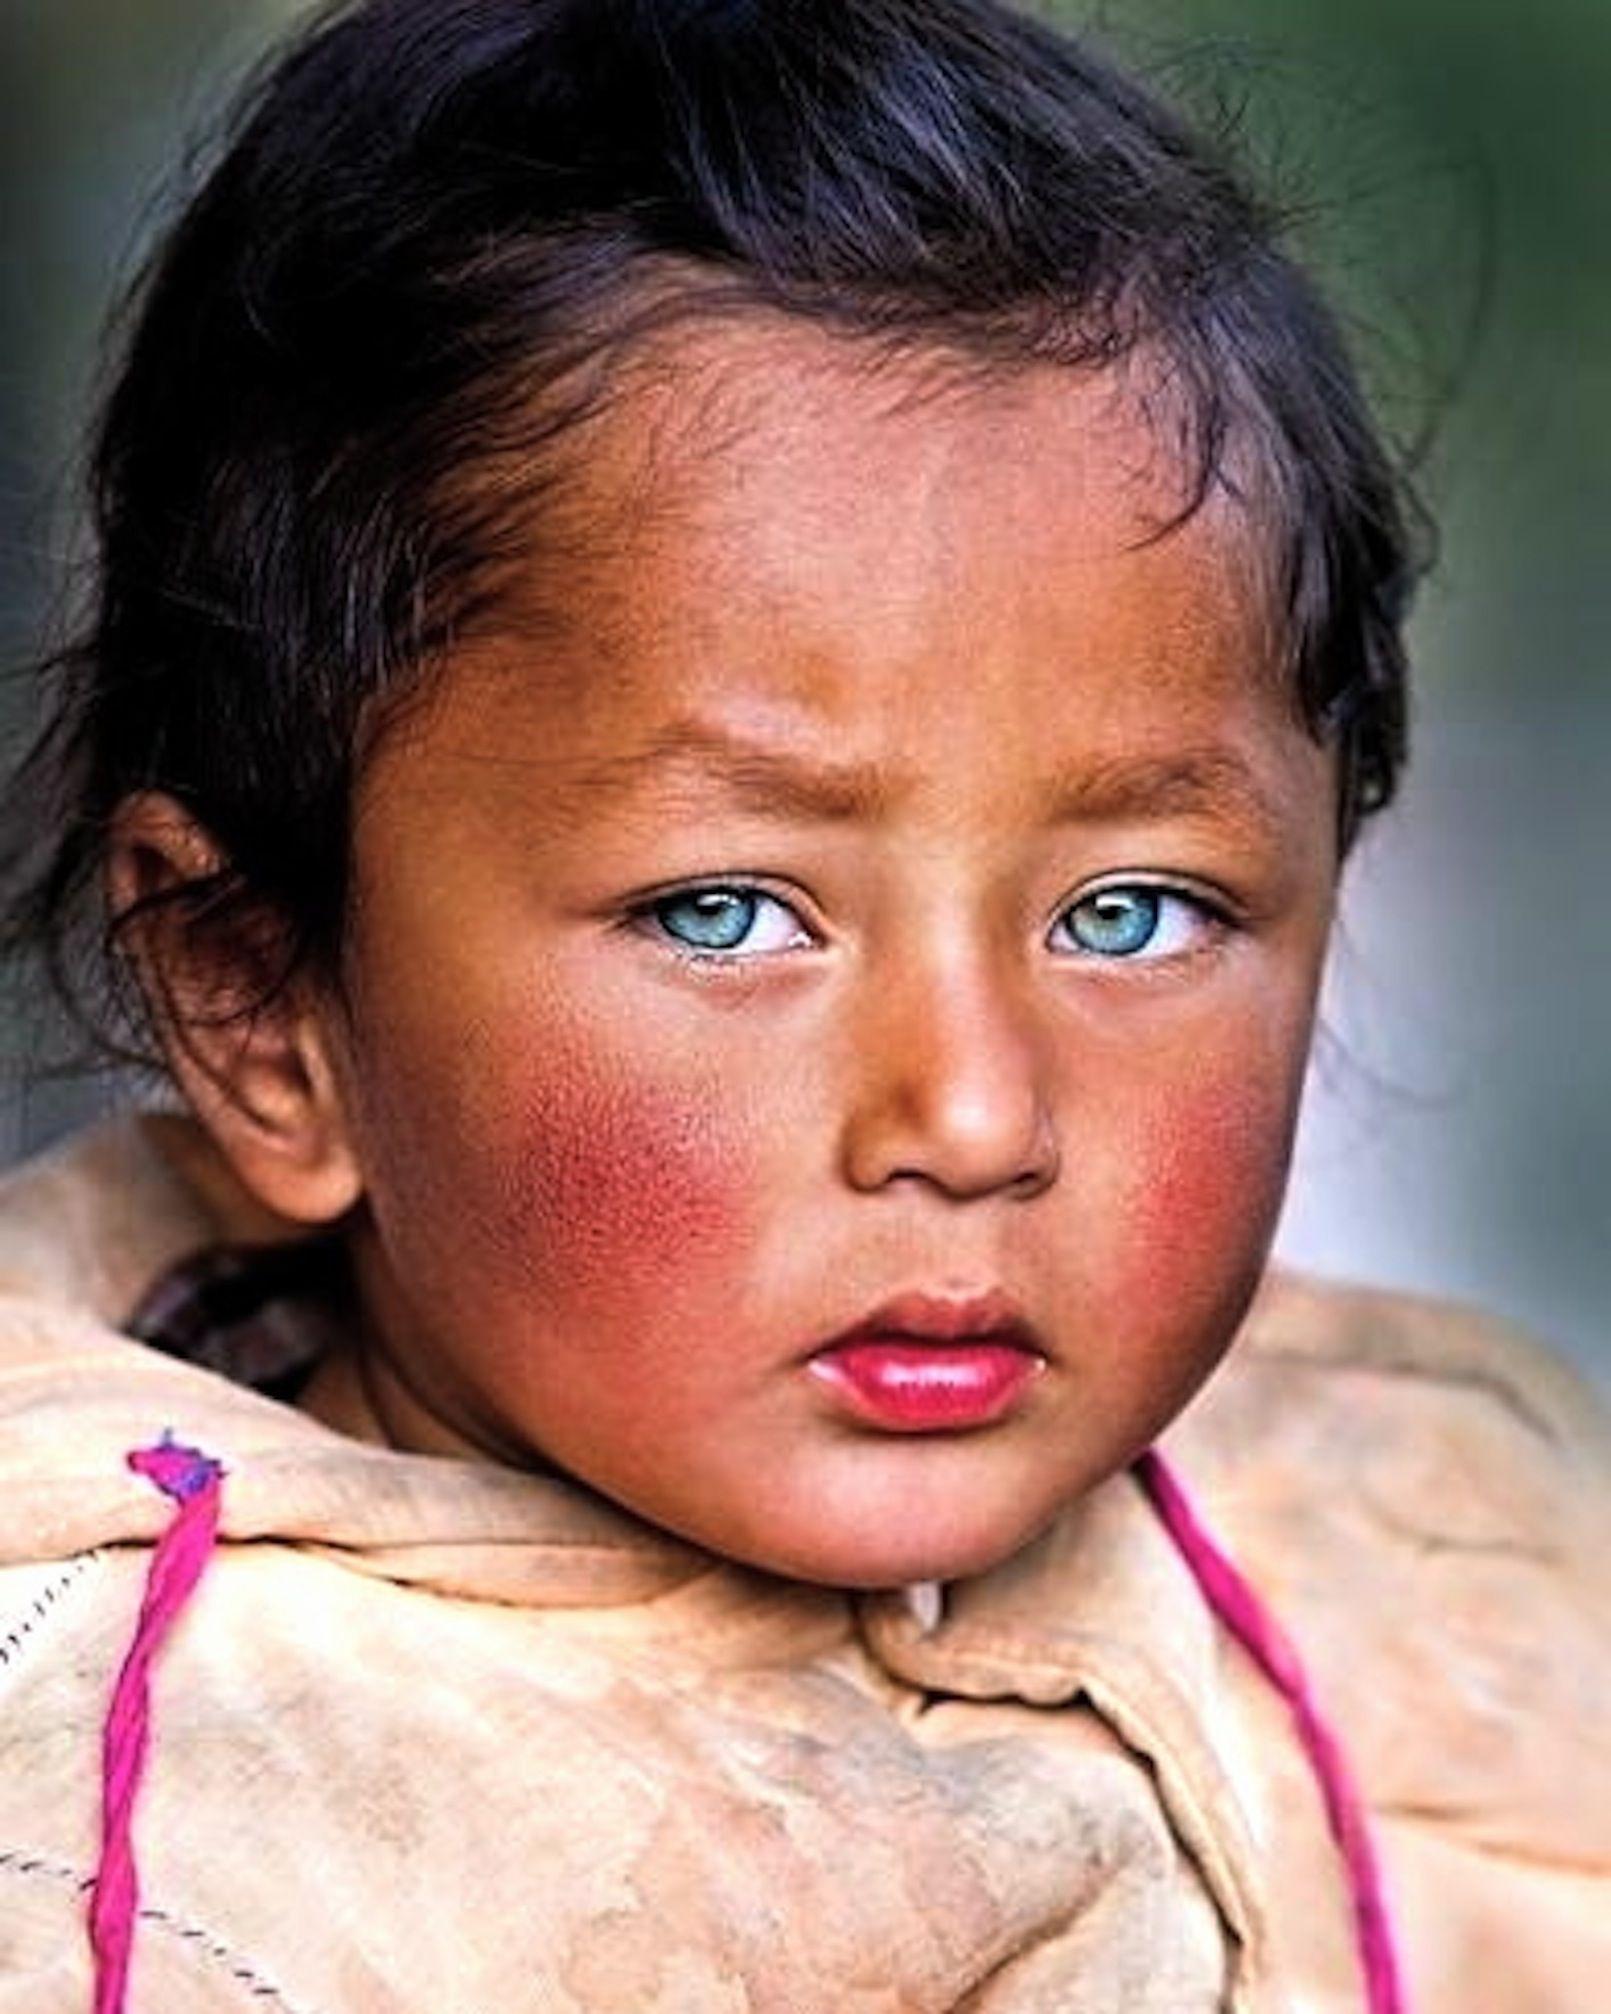 Nepali beautiful little boy | Nepal and Nepalese people ...